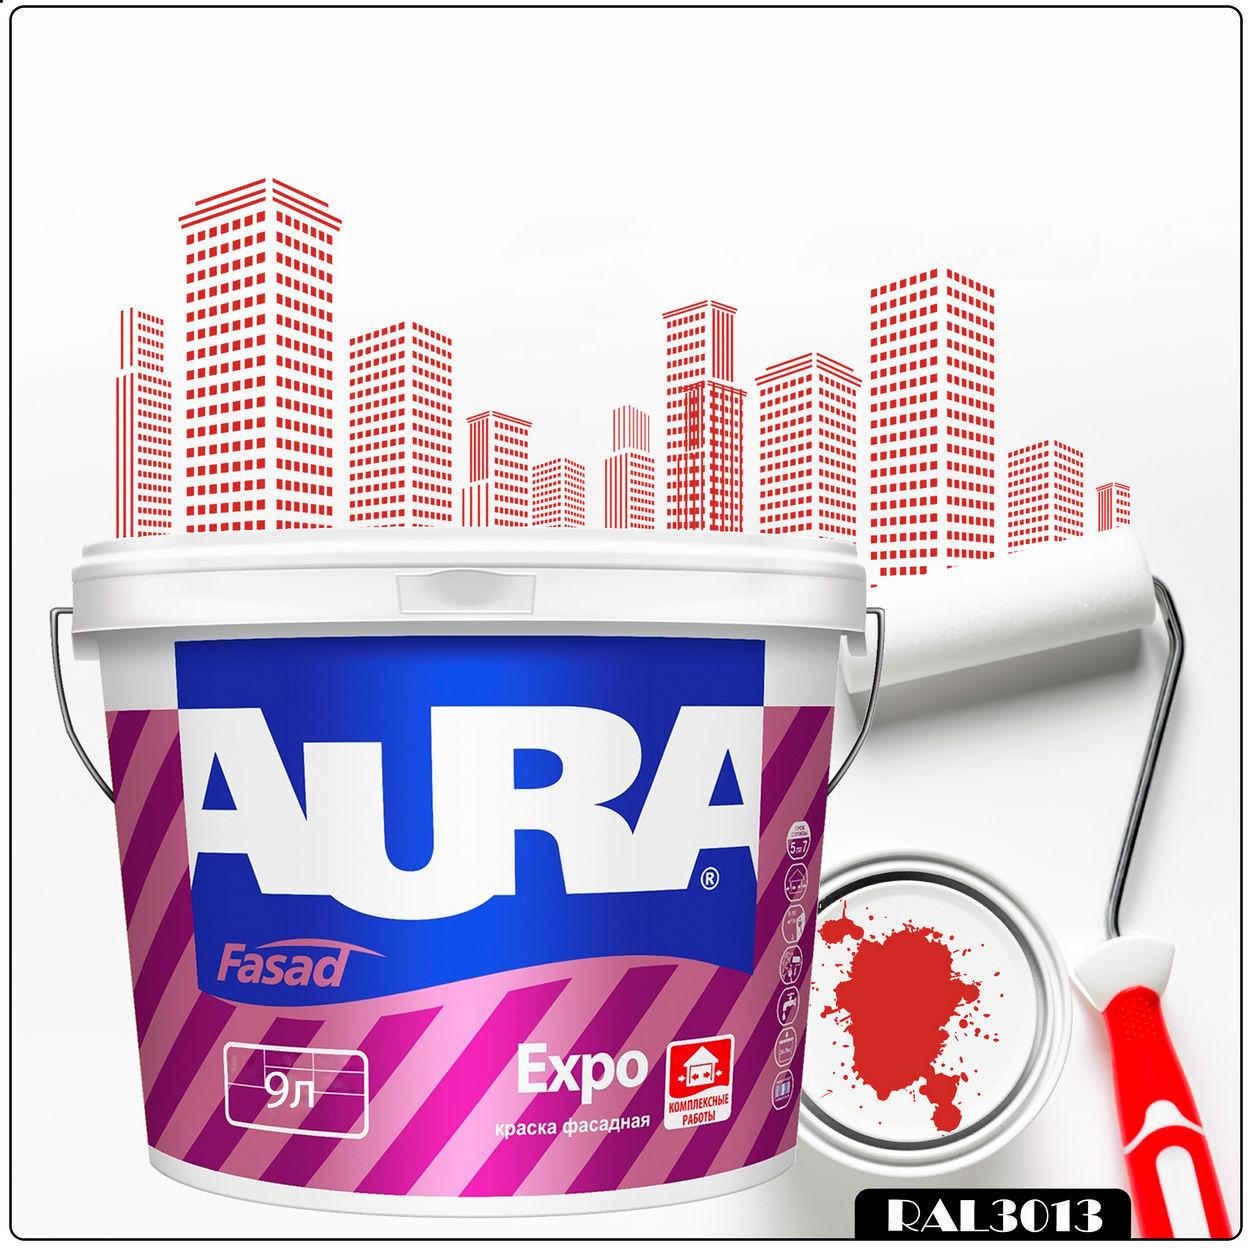 Фото 11 - Краска Aura Fasad Expo, RAL 3013 Томатно-красный, матовая, для фасадов и помещений с повышенной влажностью, 9л.